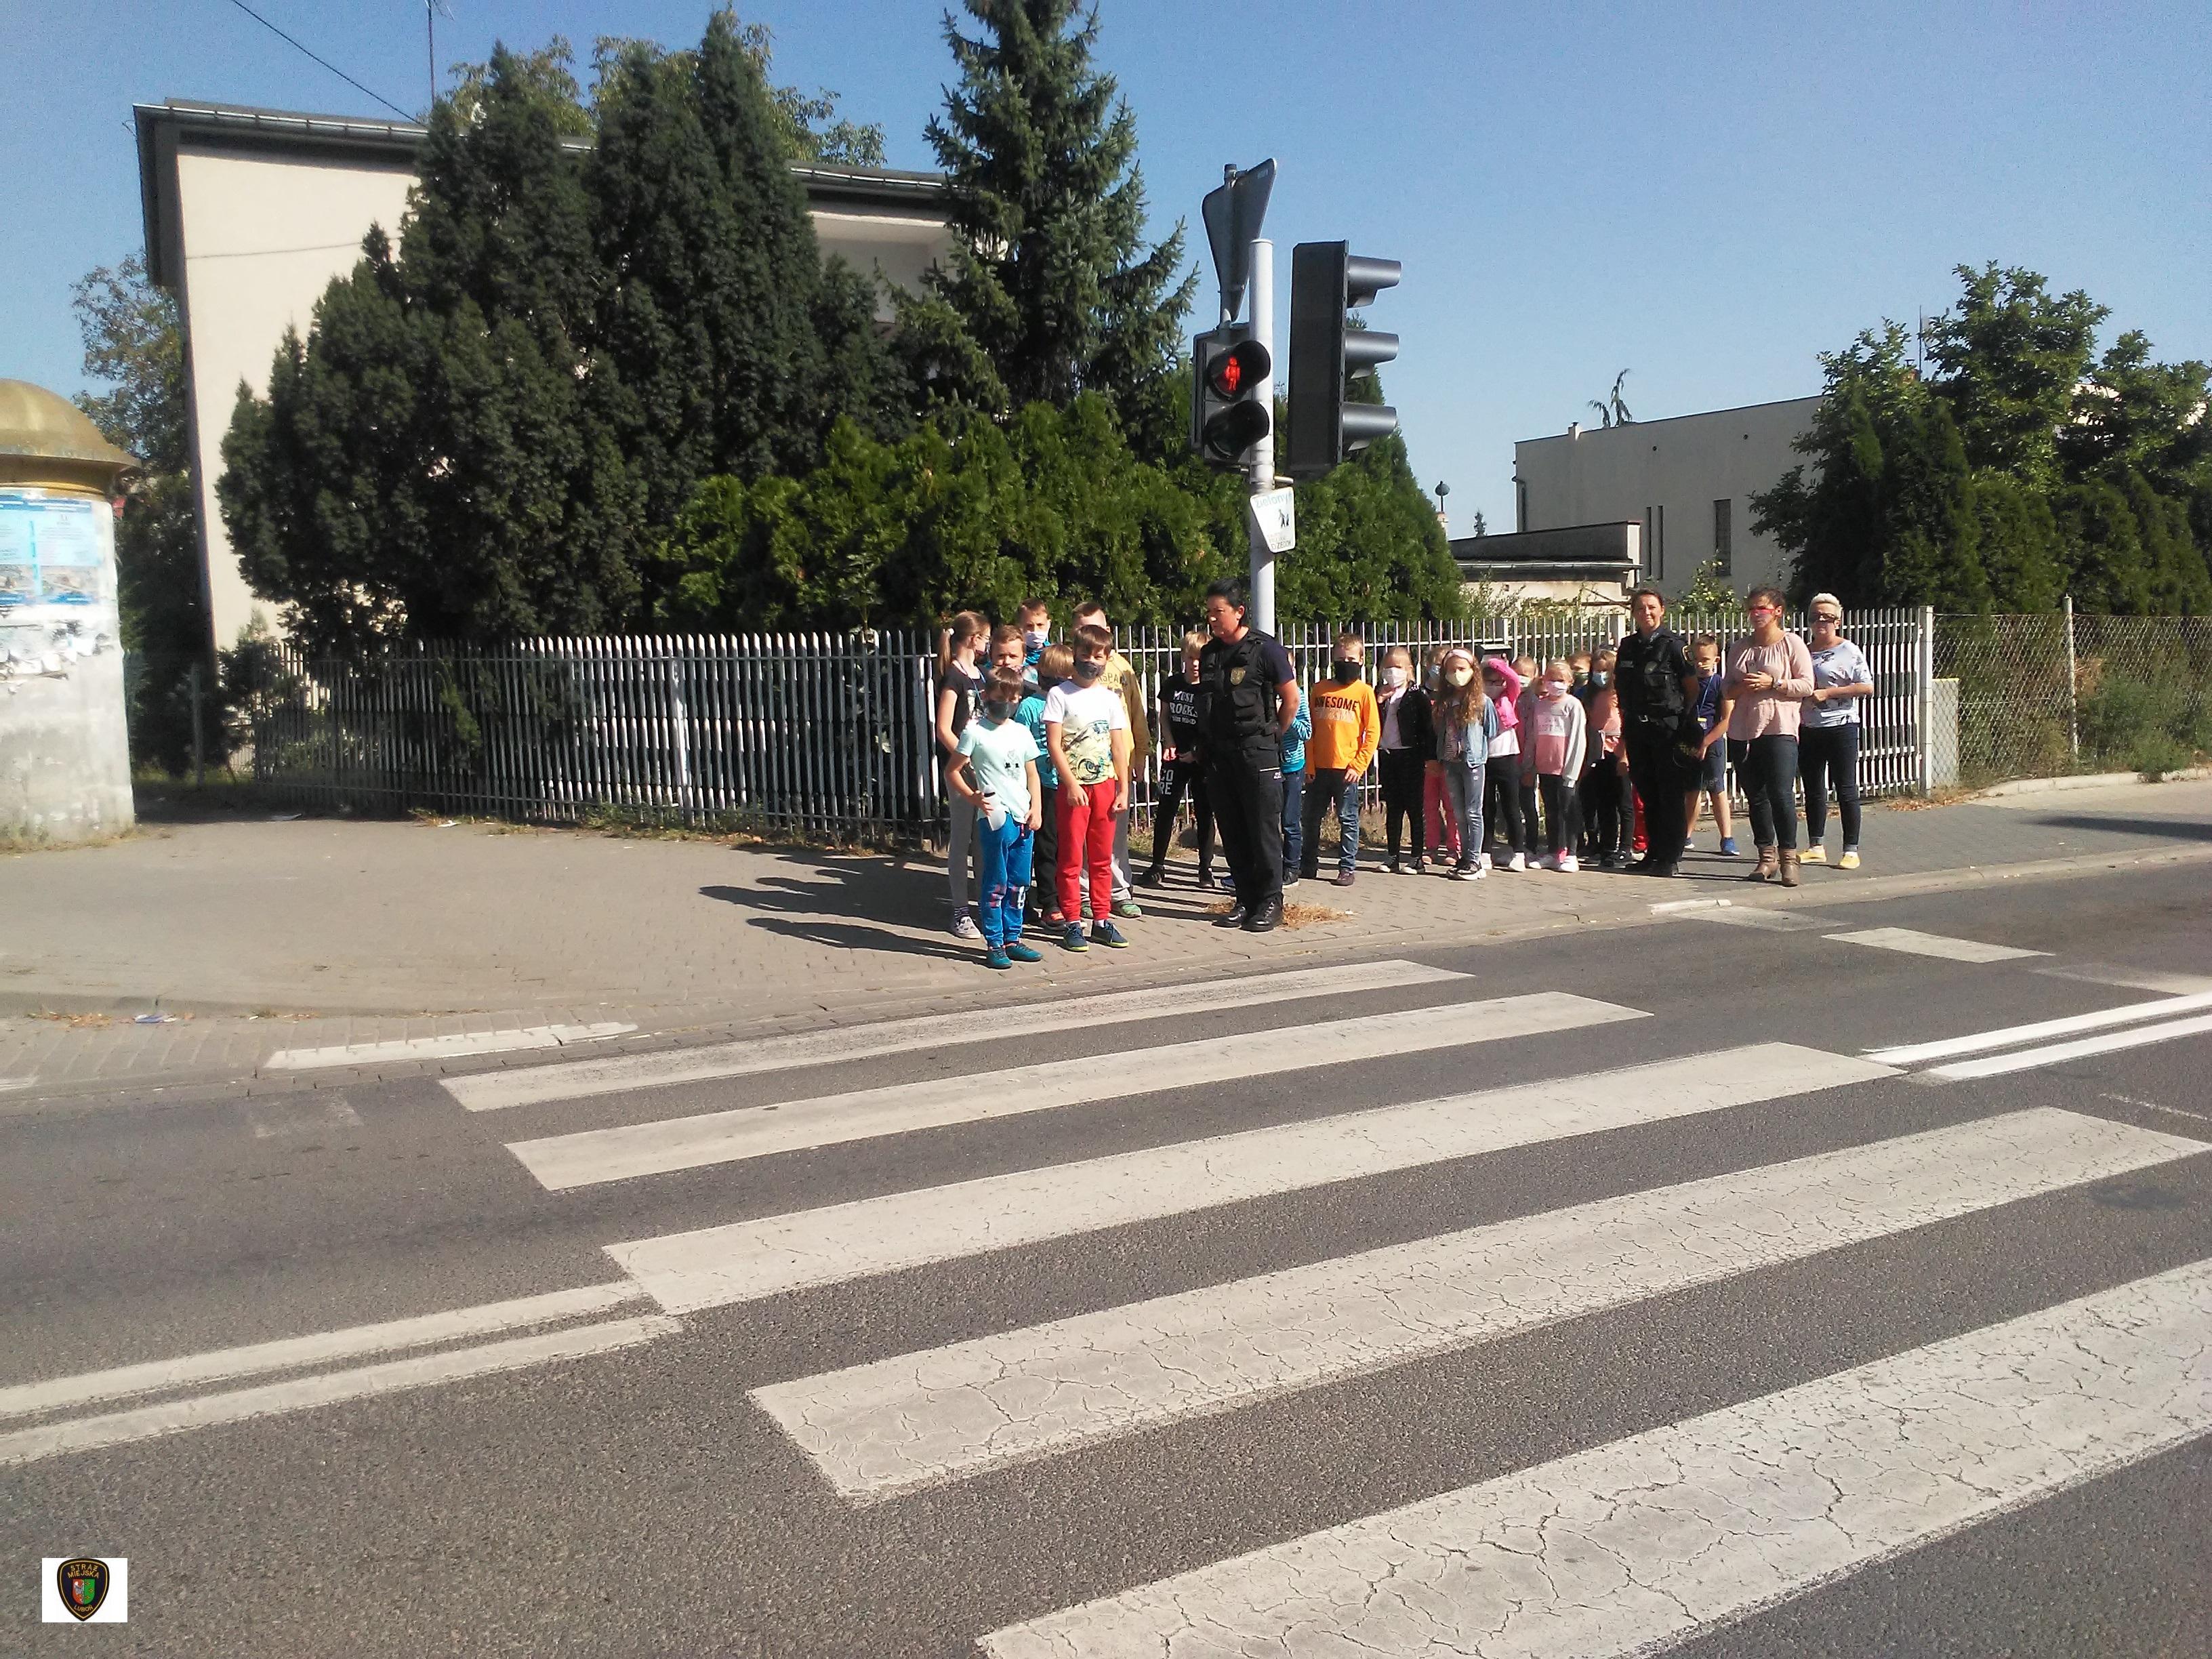 zdjęcie przedstawia dzieci stojące przed przejściem dla pieszych w obecności strażników miejskich